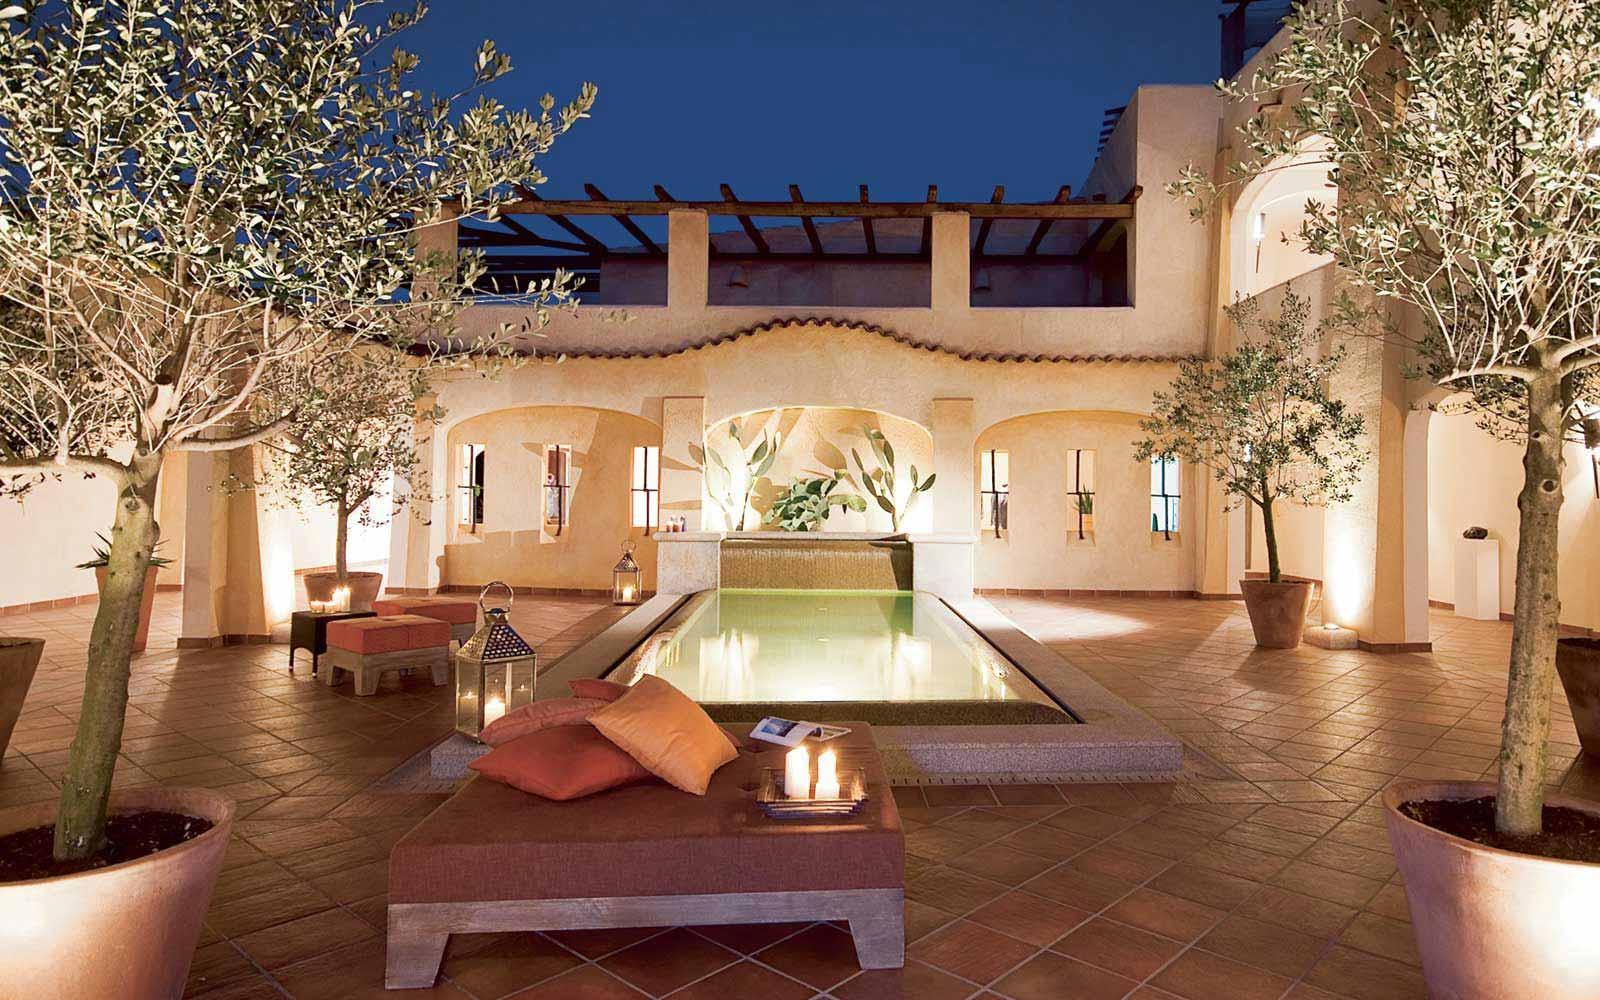 'La Corte degli Ulivi' Courtyard at Colonna Pevero Hotel